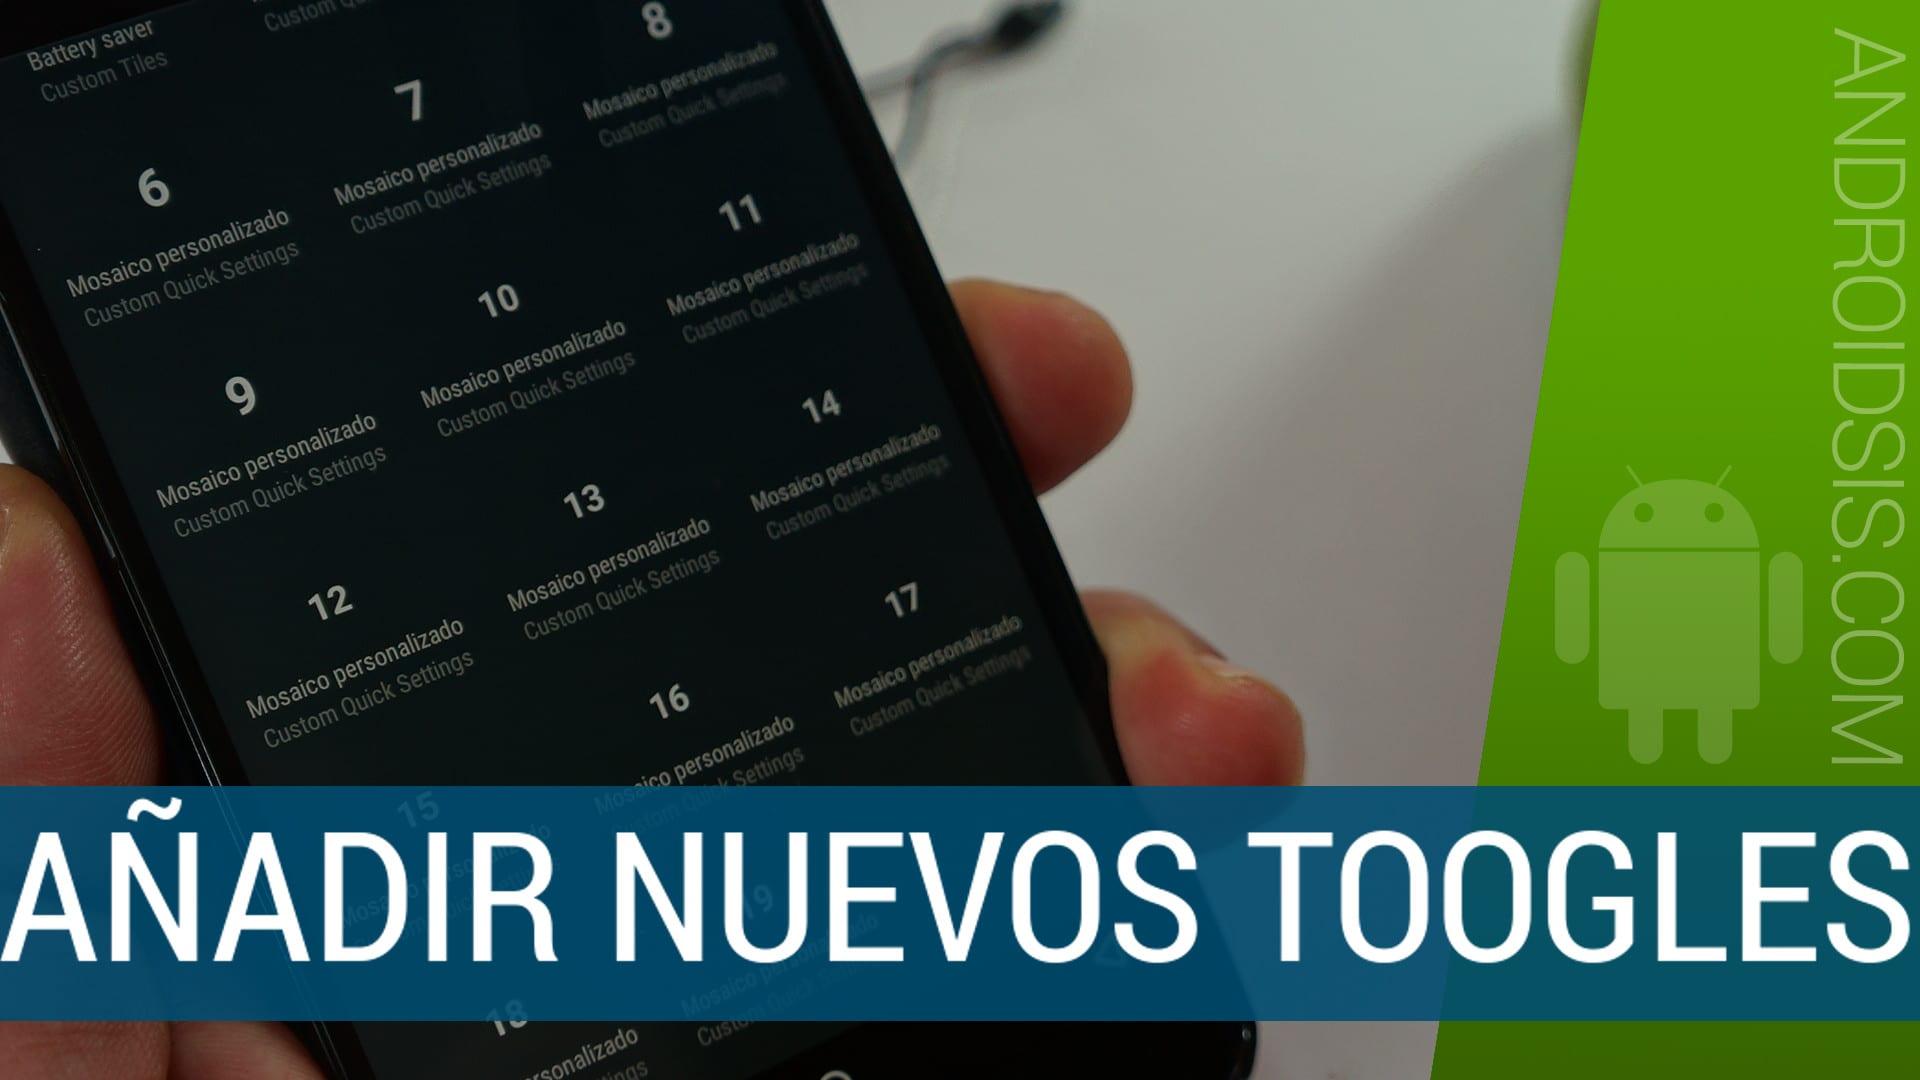 Añadir nuevos interruptores en el telón de notificaciones Android